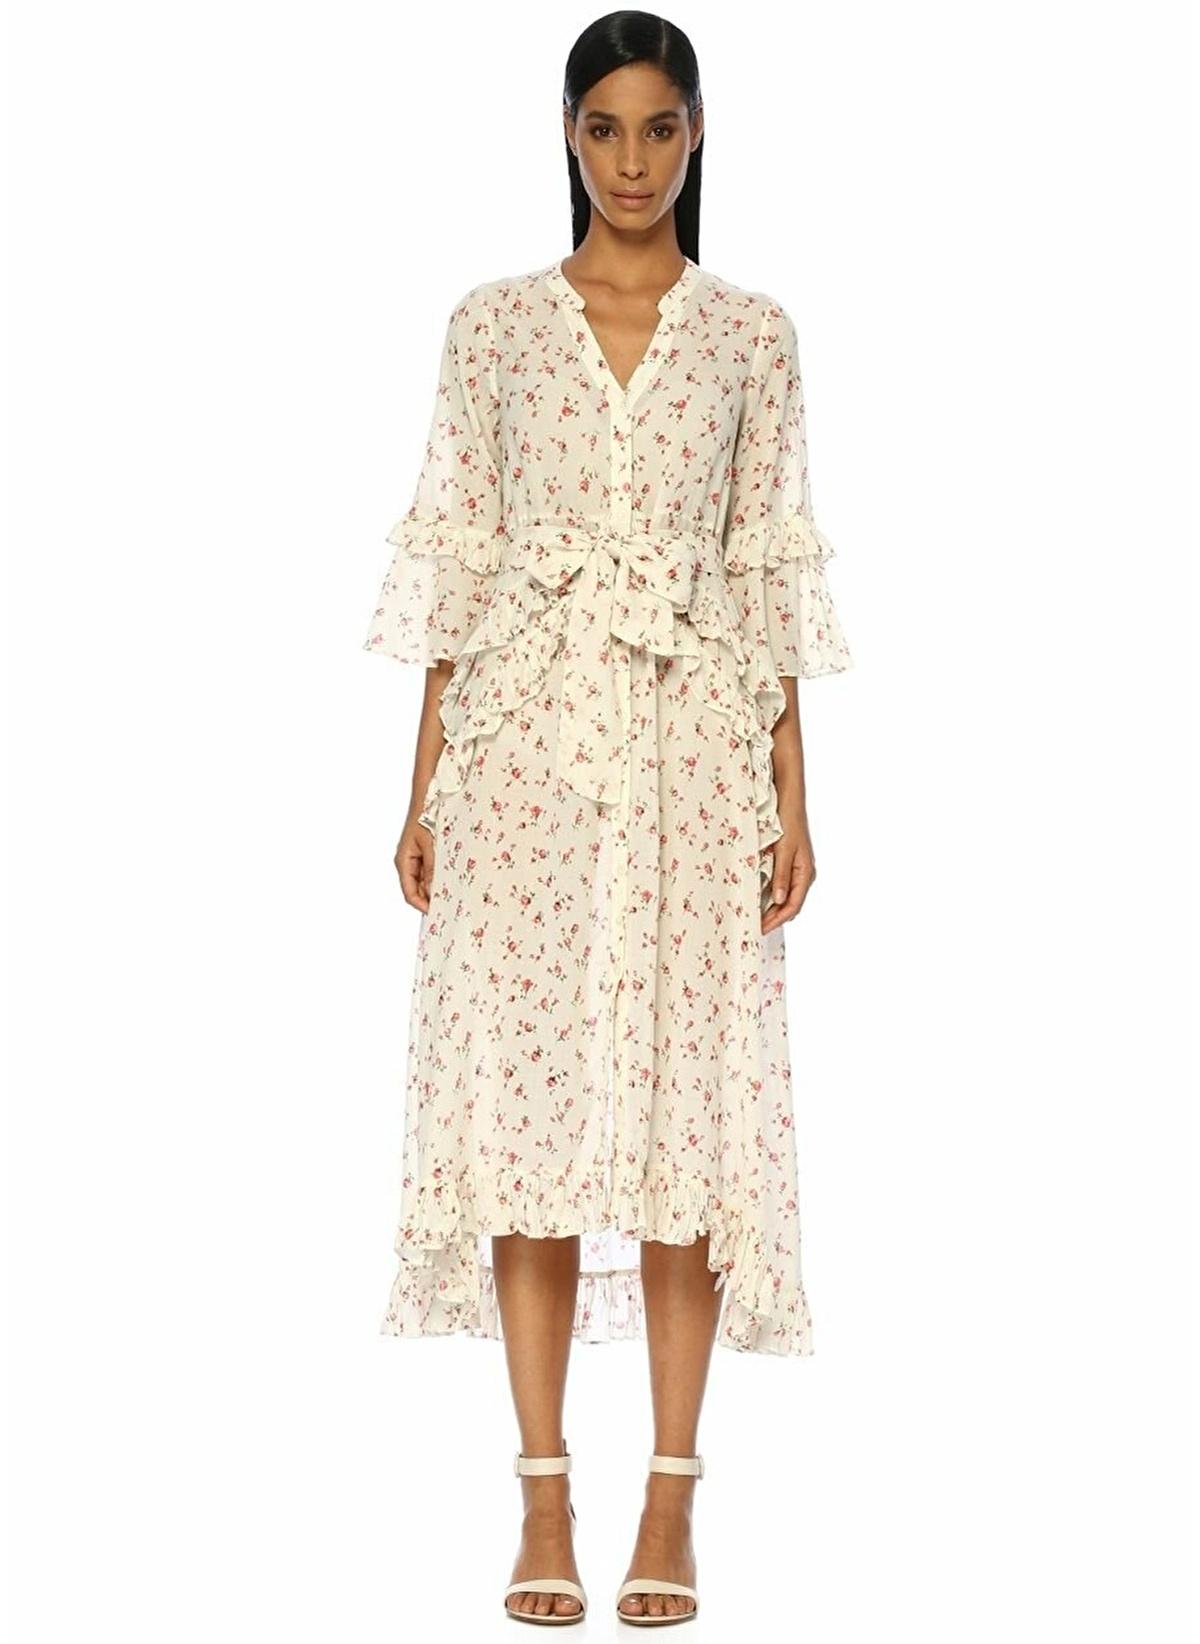 By Timo Çiçek Desenli Fırfırlı Midi Elbise 101262782 K Elbise – 2295.0 TL